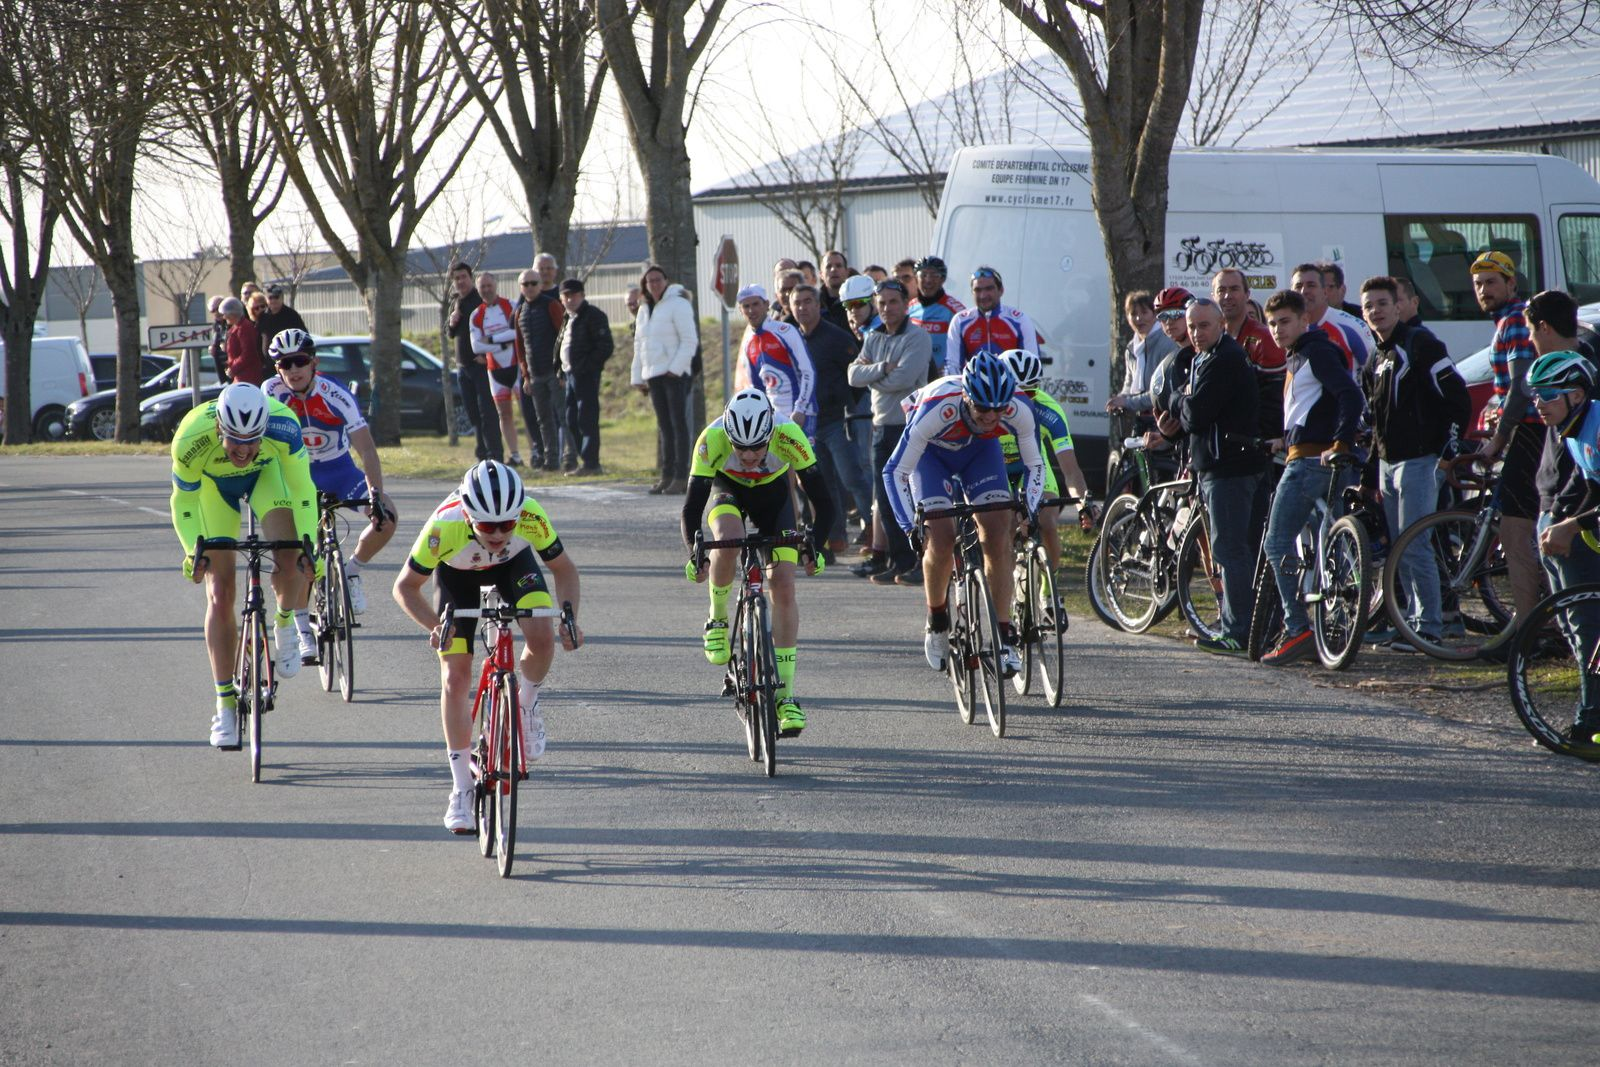 L'arrivée et  la victoire  pour Théo  LAUSEILLE(EC 3M), 2e  Simon  BRUET(EC 3M), 3e  Michaél DESNOYERS(APOGE), 4e  Tristan  BOSSIS(VCC  Marennes), 5e  Laurent  PINEAU(VCC  Marennes), 6e  Romain  BELON(APOGE)